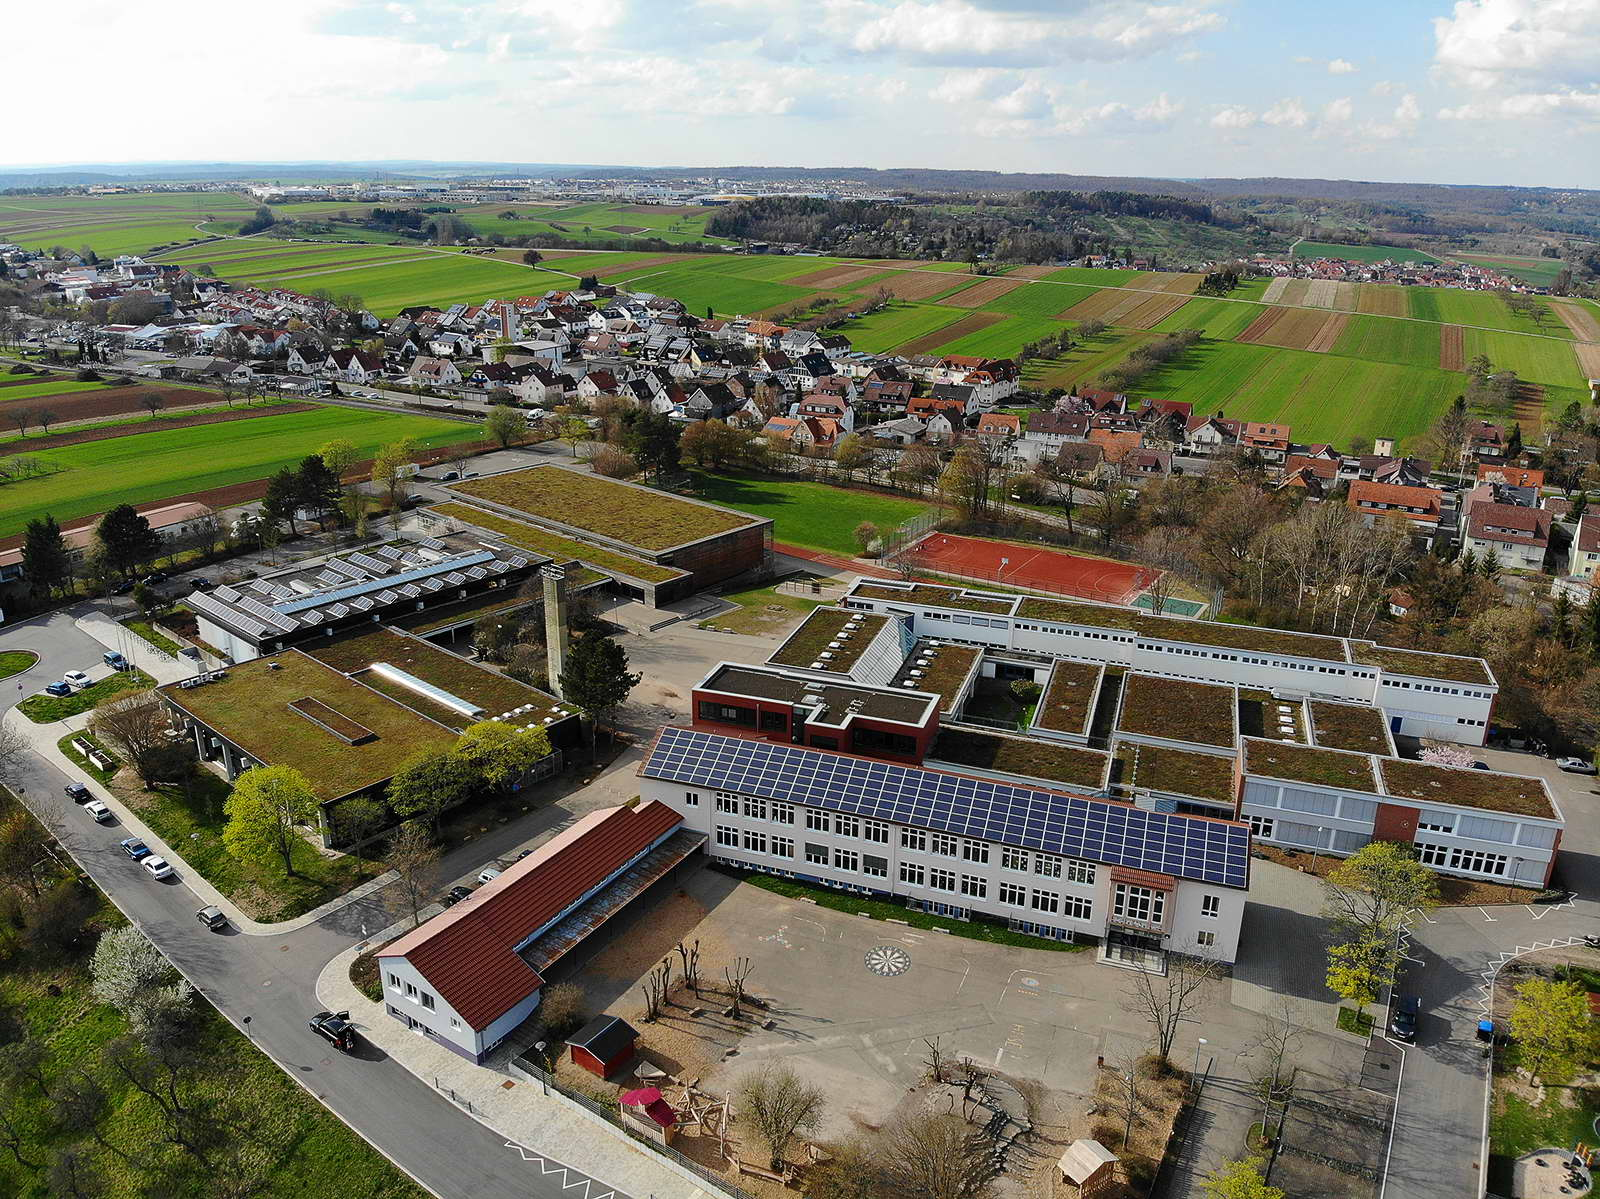 Luftbild von Gemeinschaftsschule, Hort an der Schule und Hallenbad